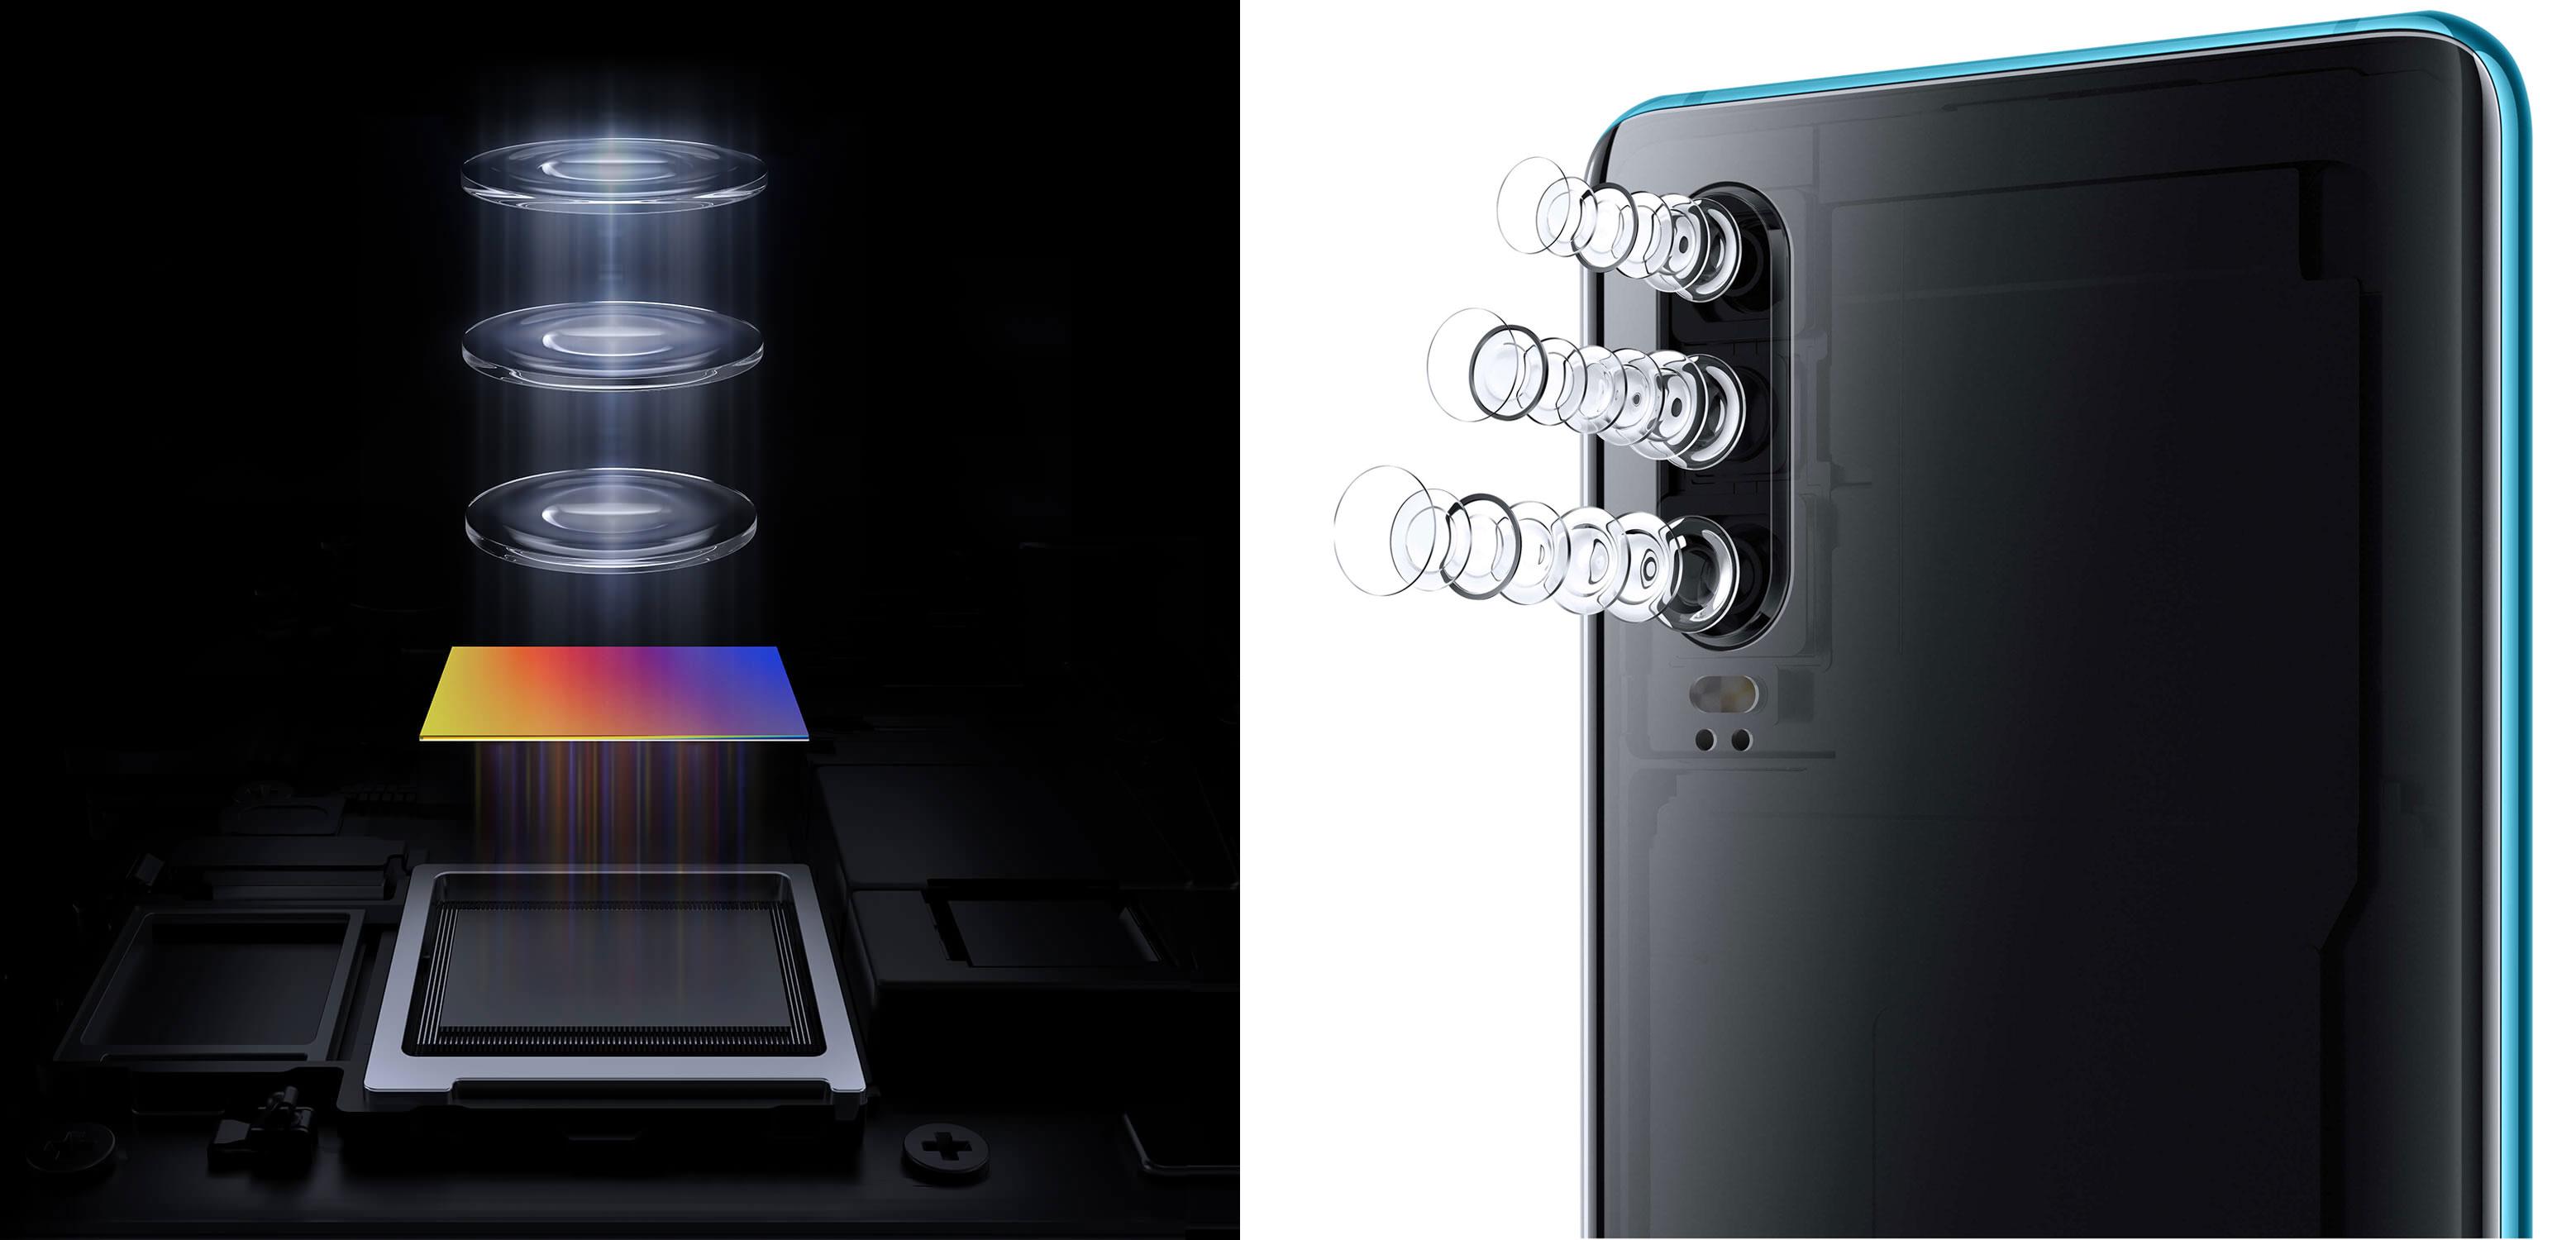 Huawei Smartphone P30 Breathing Crystal